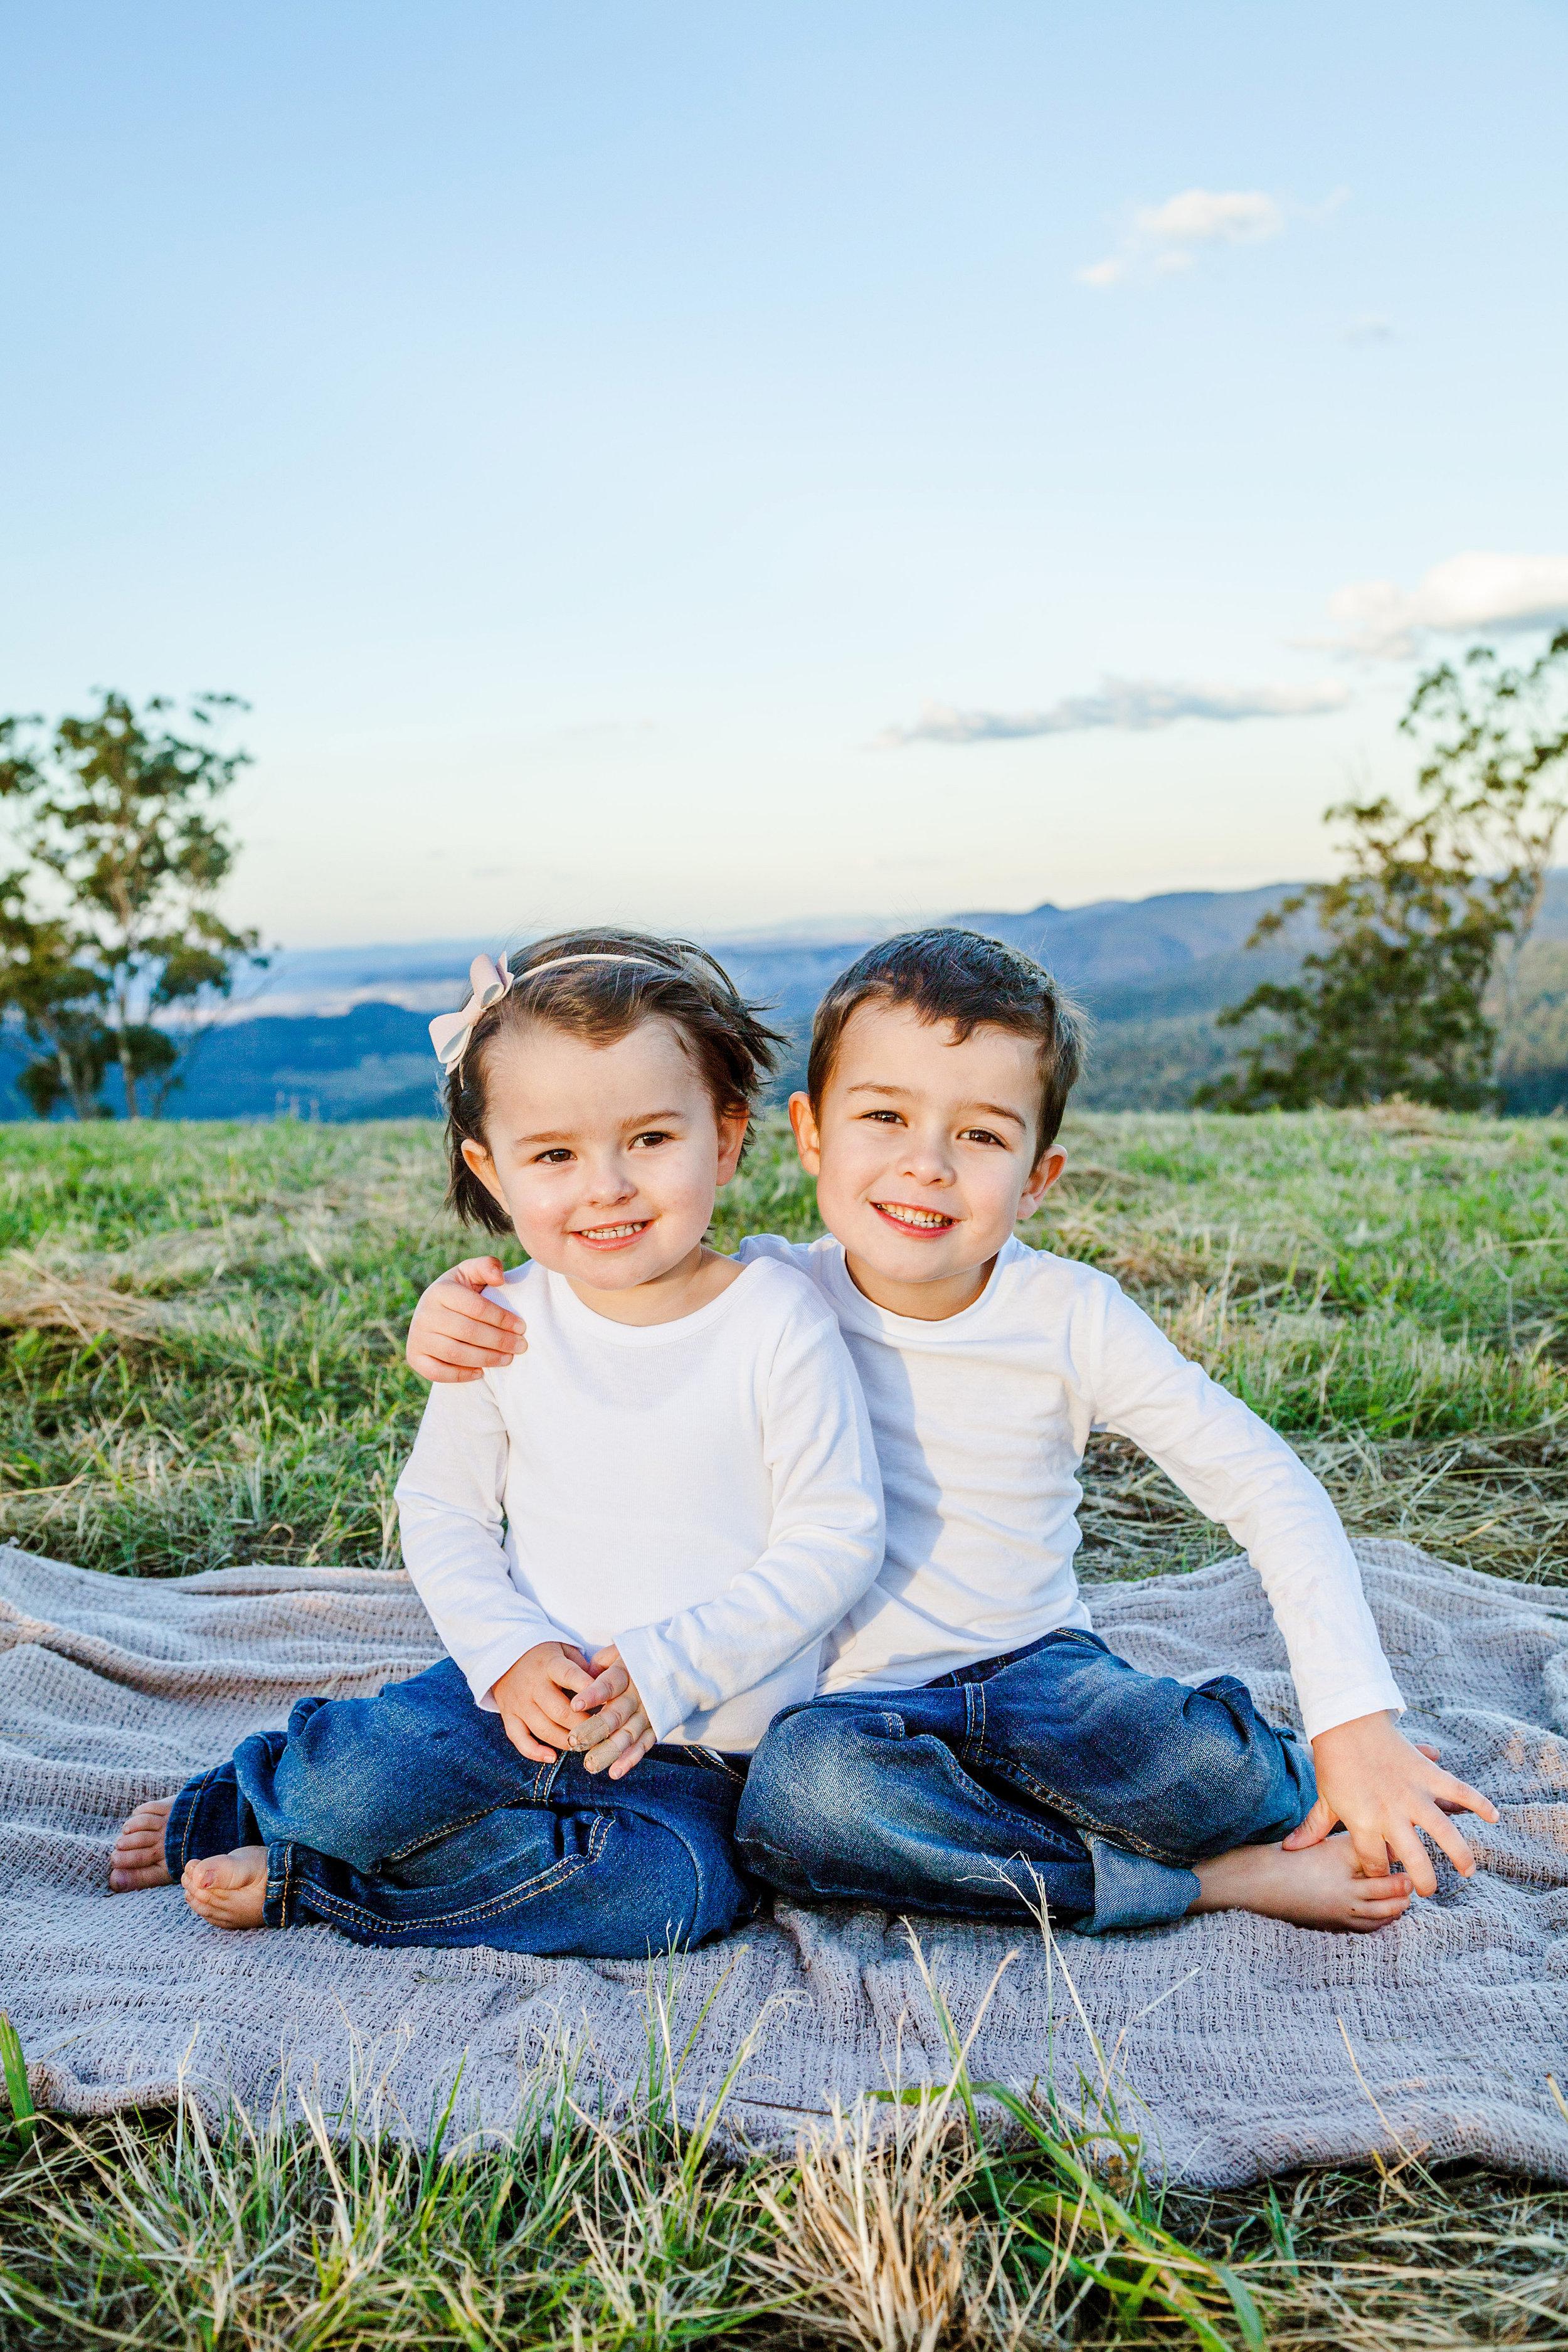 Kids-2309.jpg